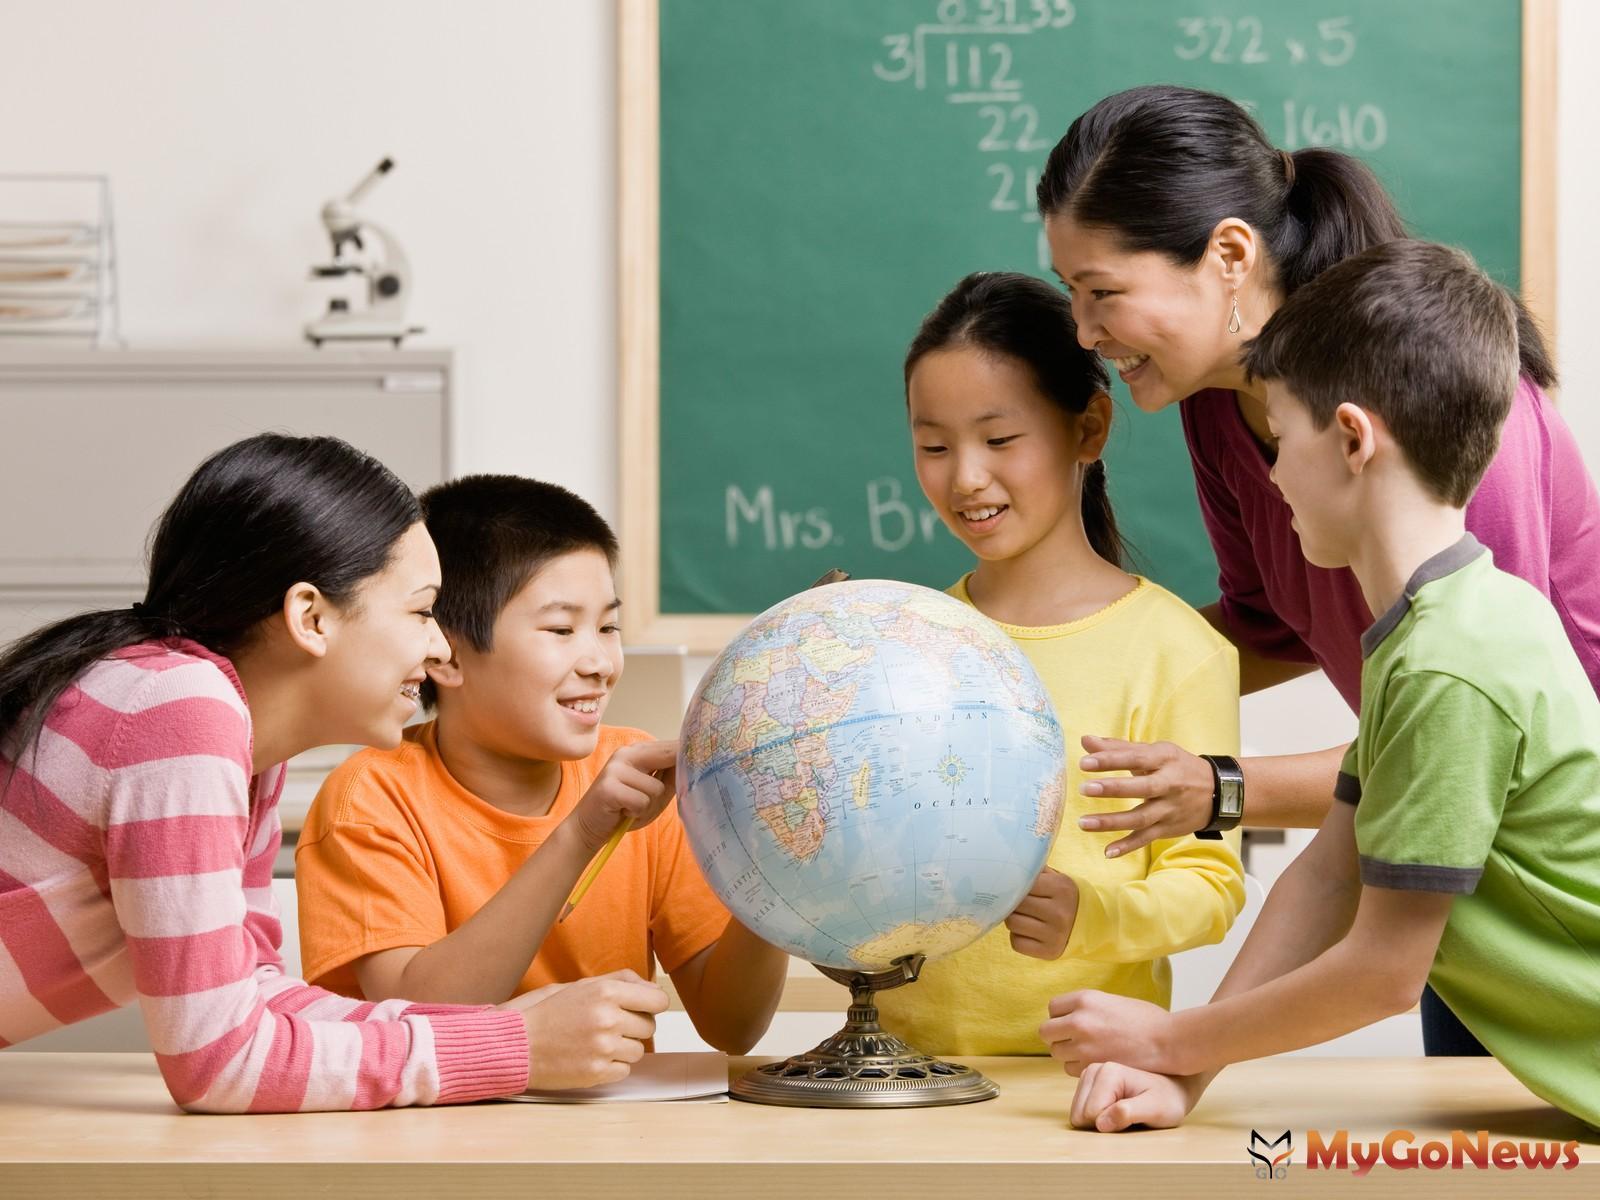 少子化時代 明星學區保值超搶手,比雙學區更吸睛,學區「完整一條龍」的教育環境(圖/達志影像) MyGoNews房地產新聞 專題報導